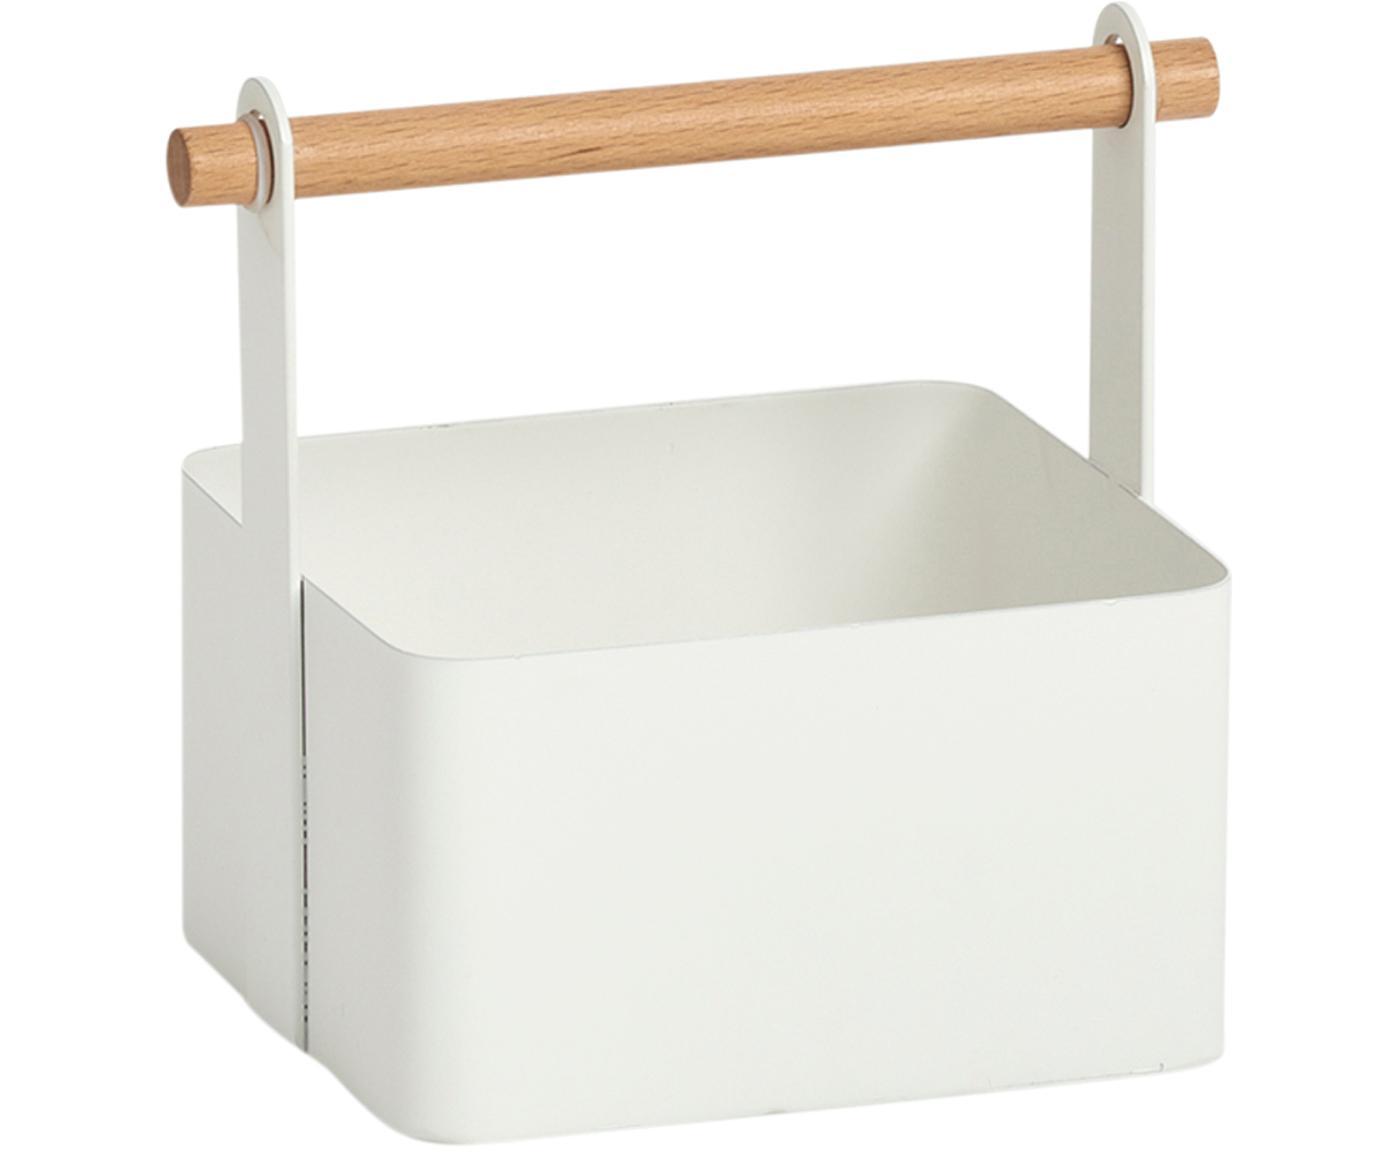 Contenitore Ledino, Metallo, legno di faggio, Bianco, legno di faggio, Larg. 15 x Alt. 16 cm